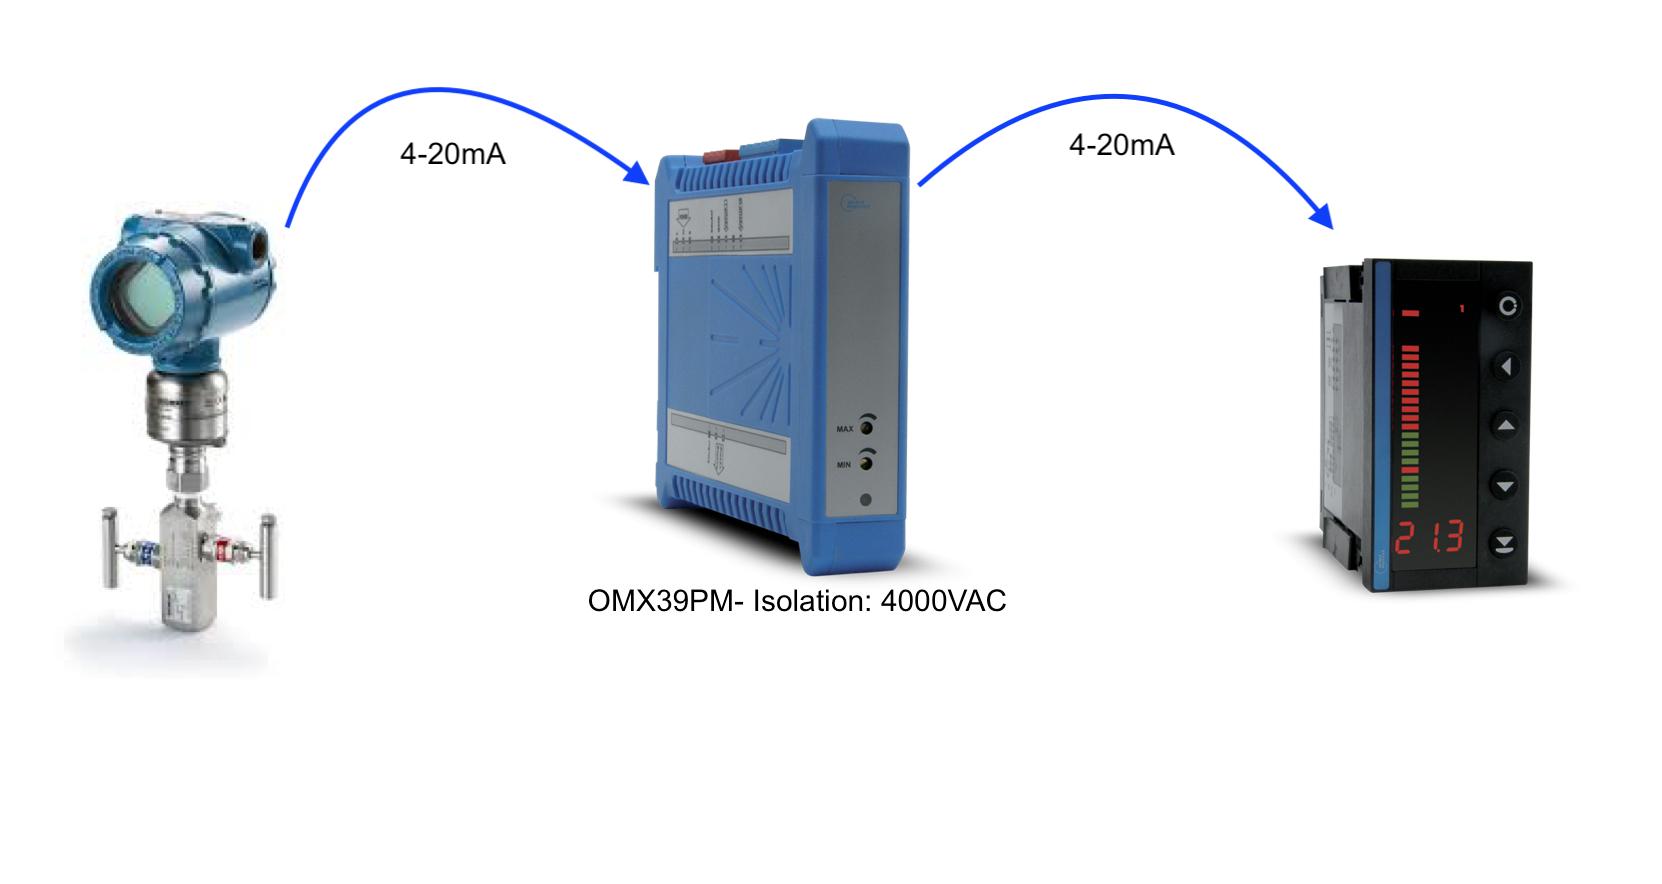 Bộ cách ly hiệu năng cao OMX39PM